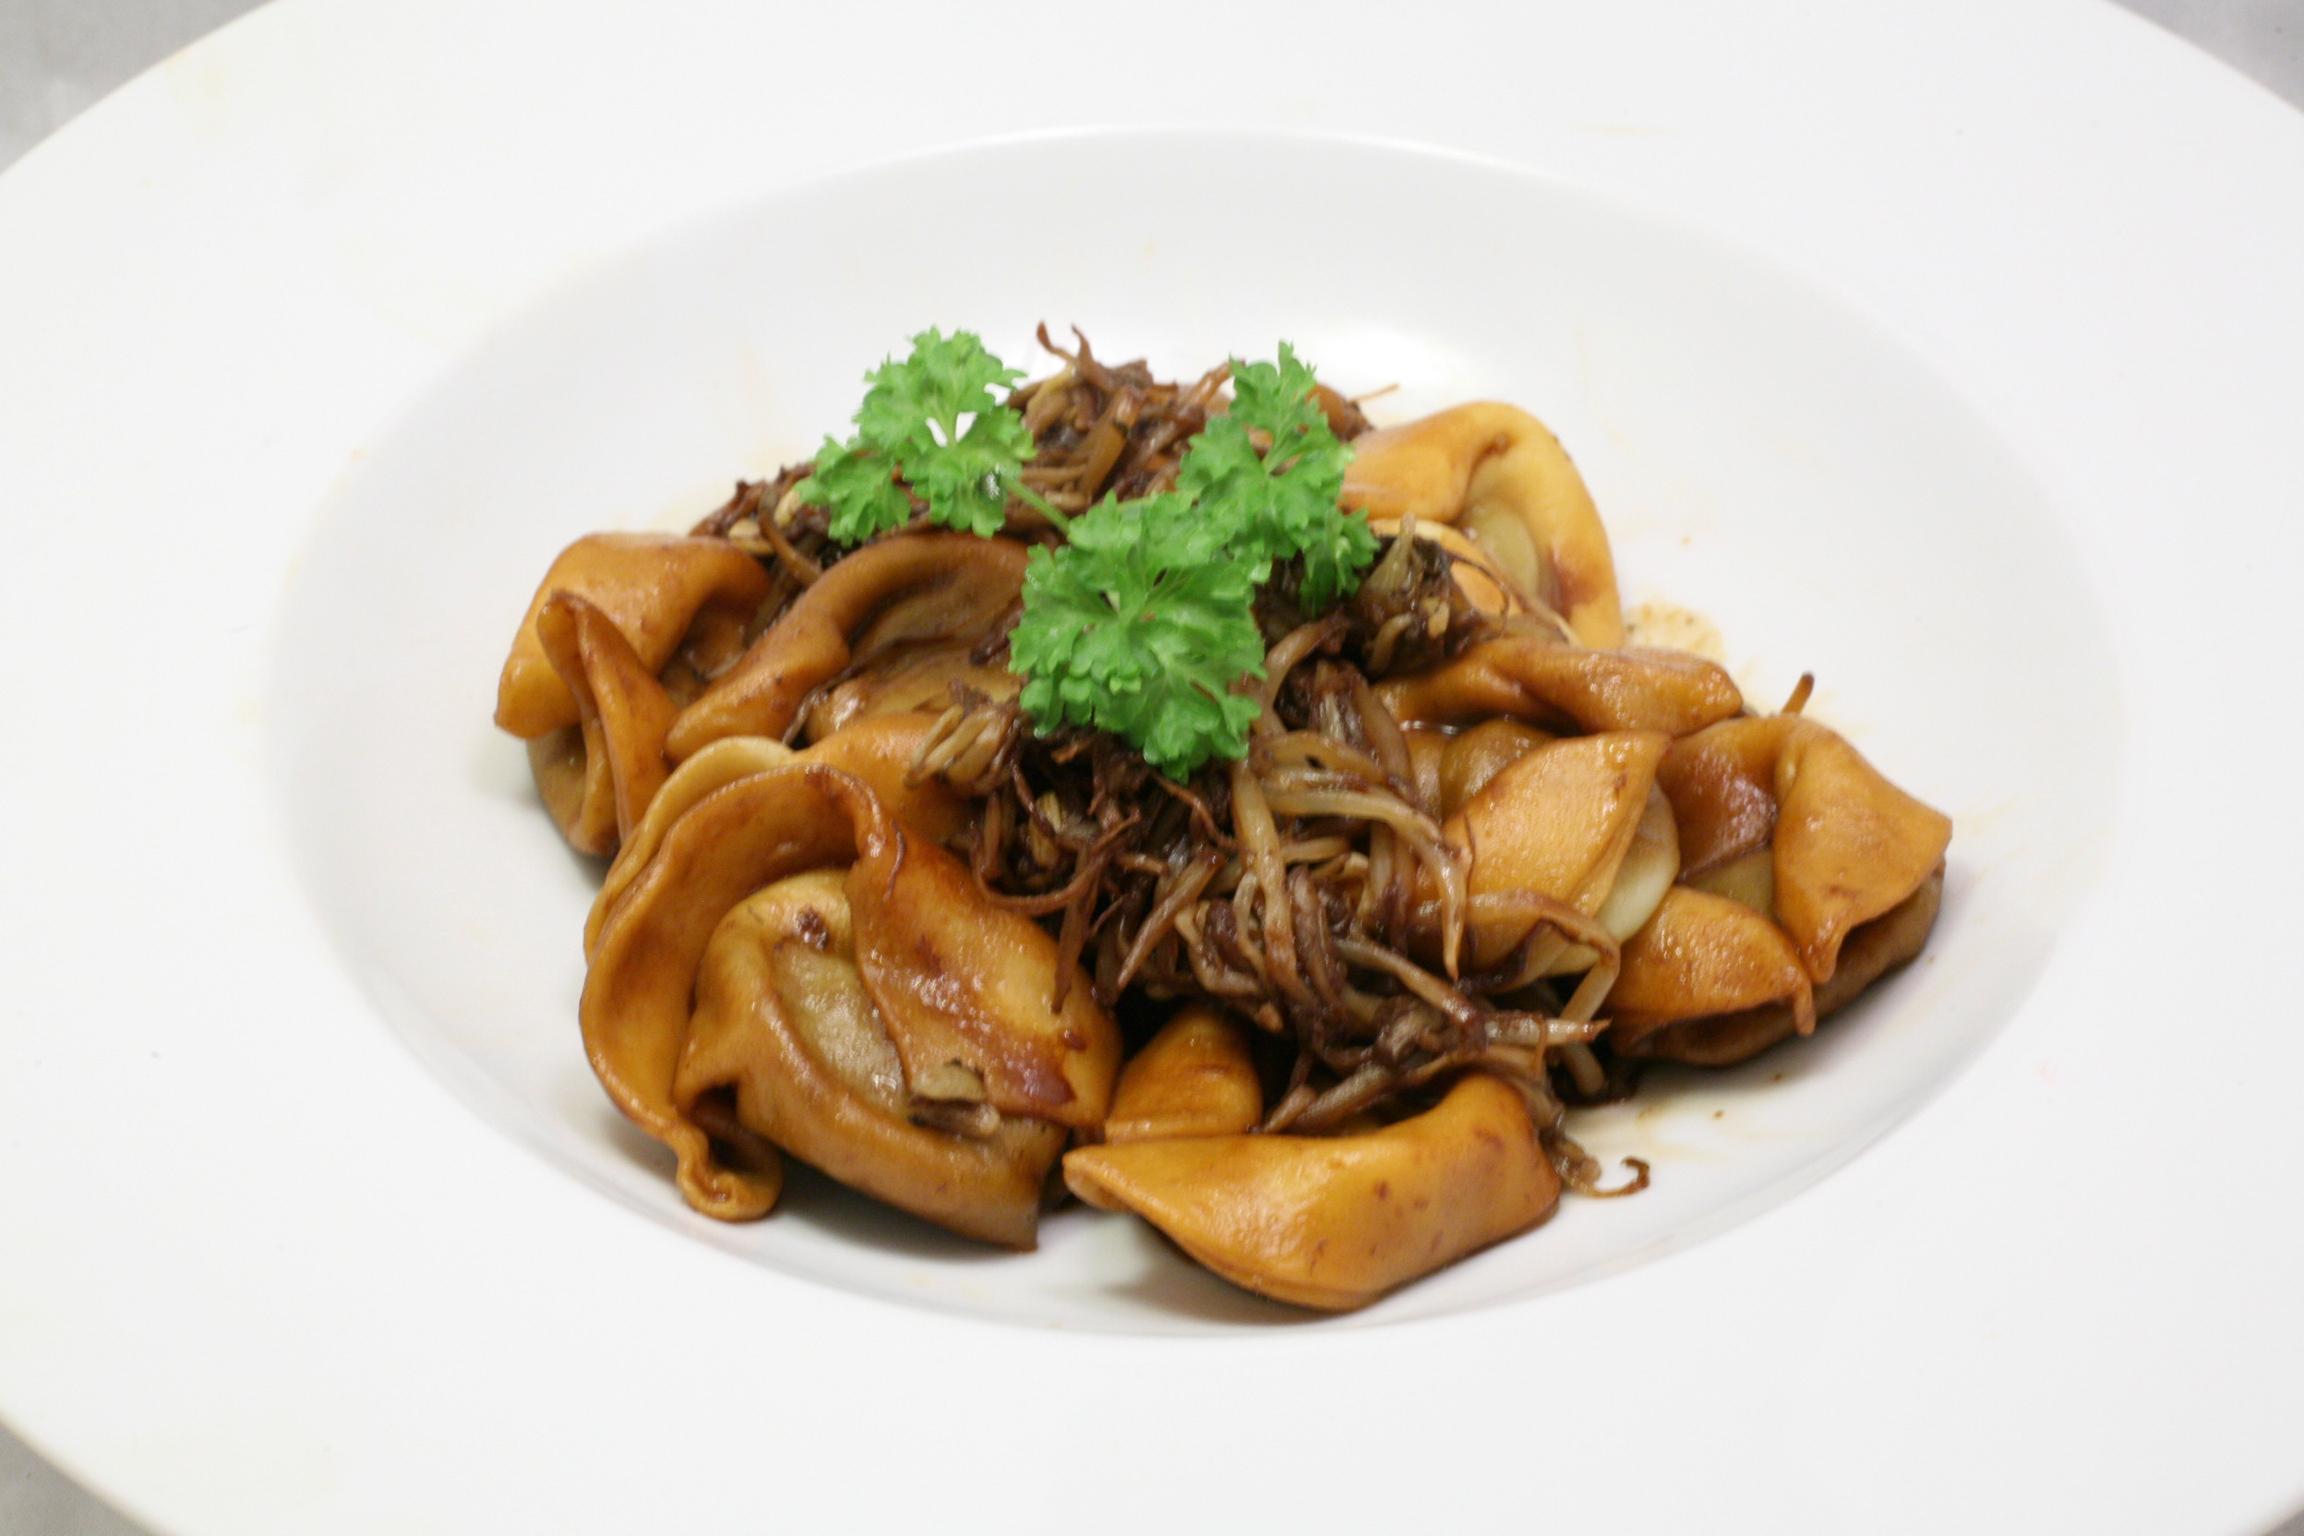 Frische Tortellini mit Mungobohnen-Keimlingen in Soja-Sauce